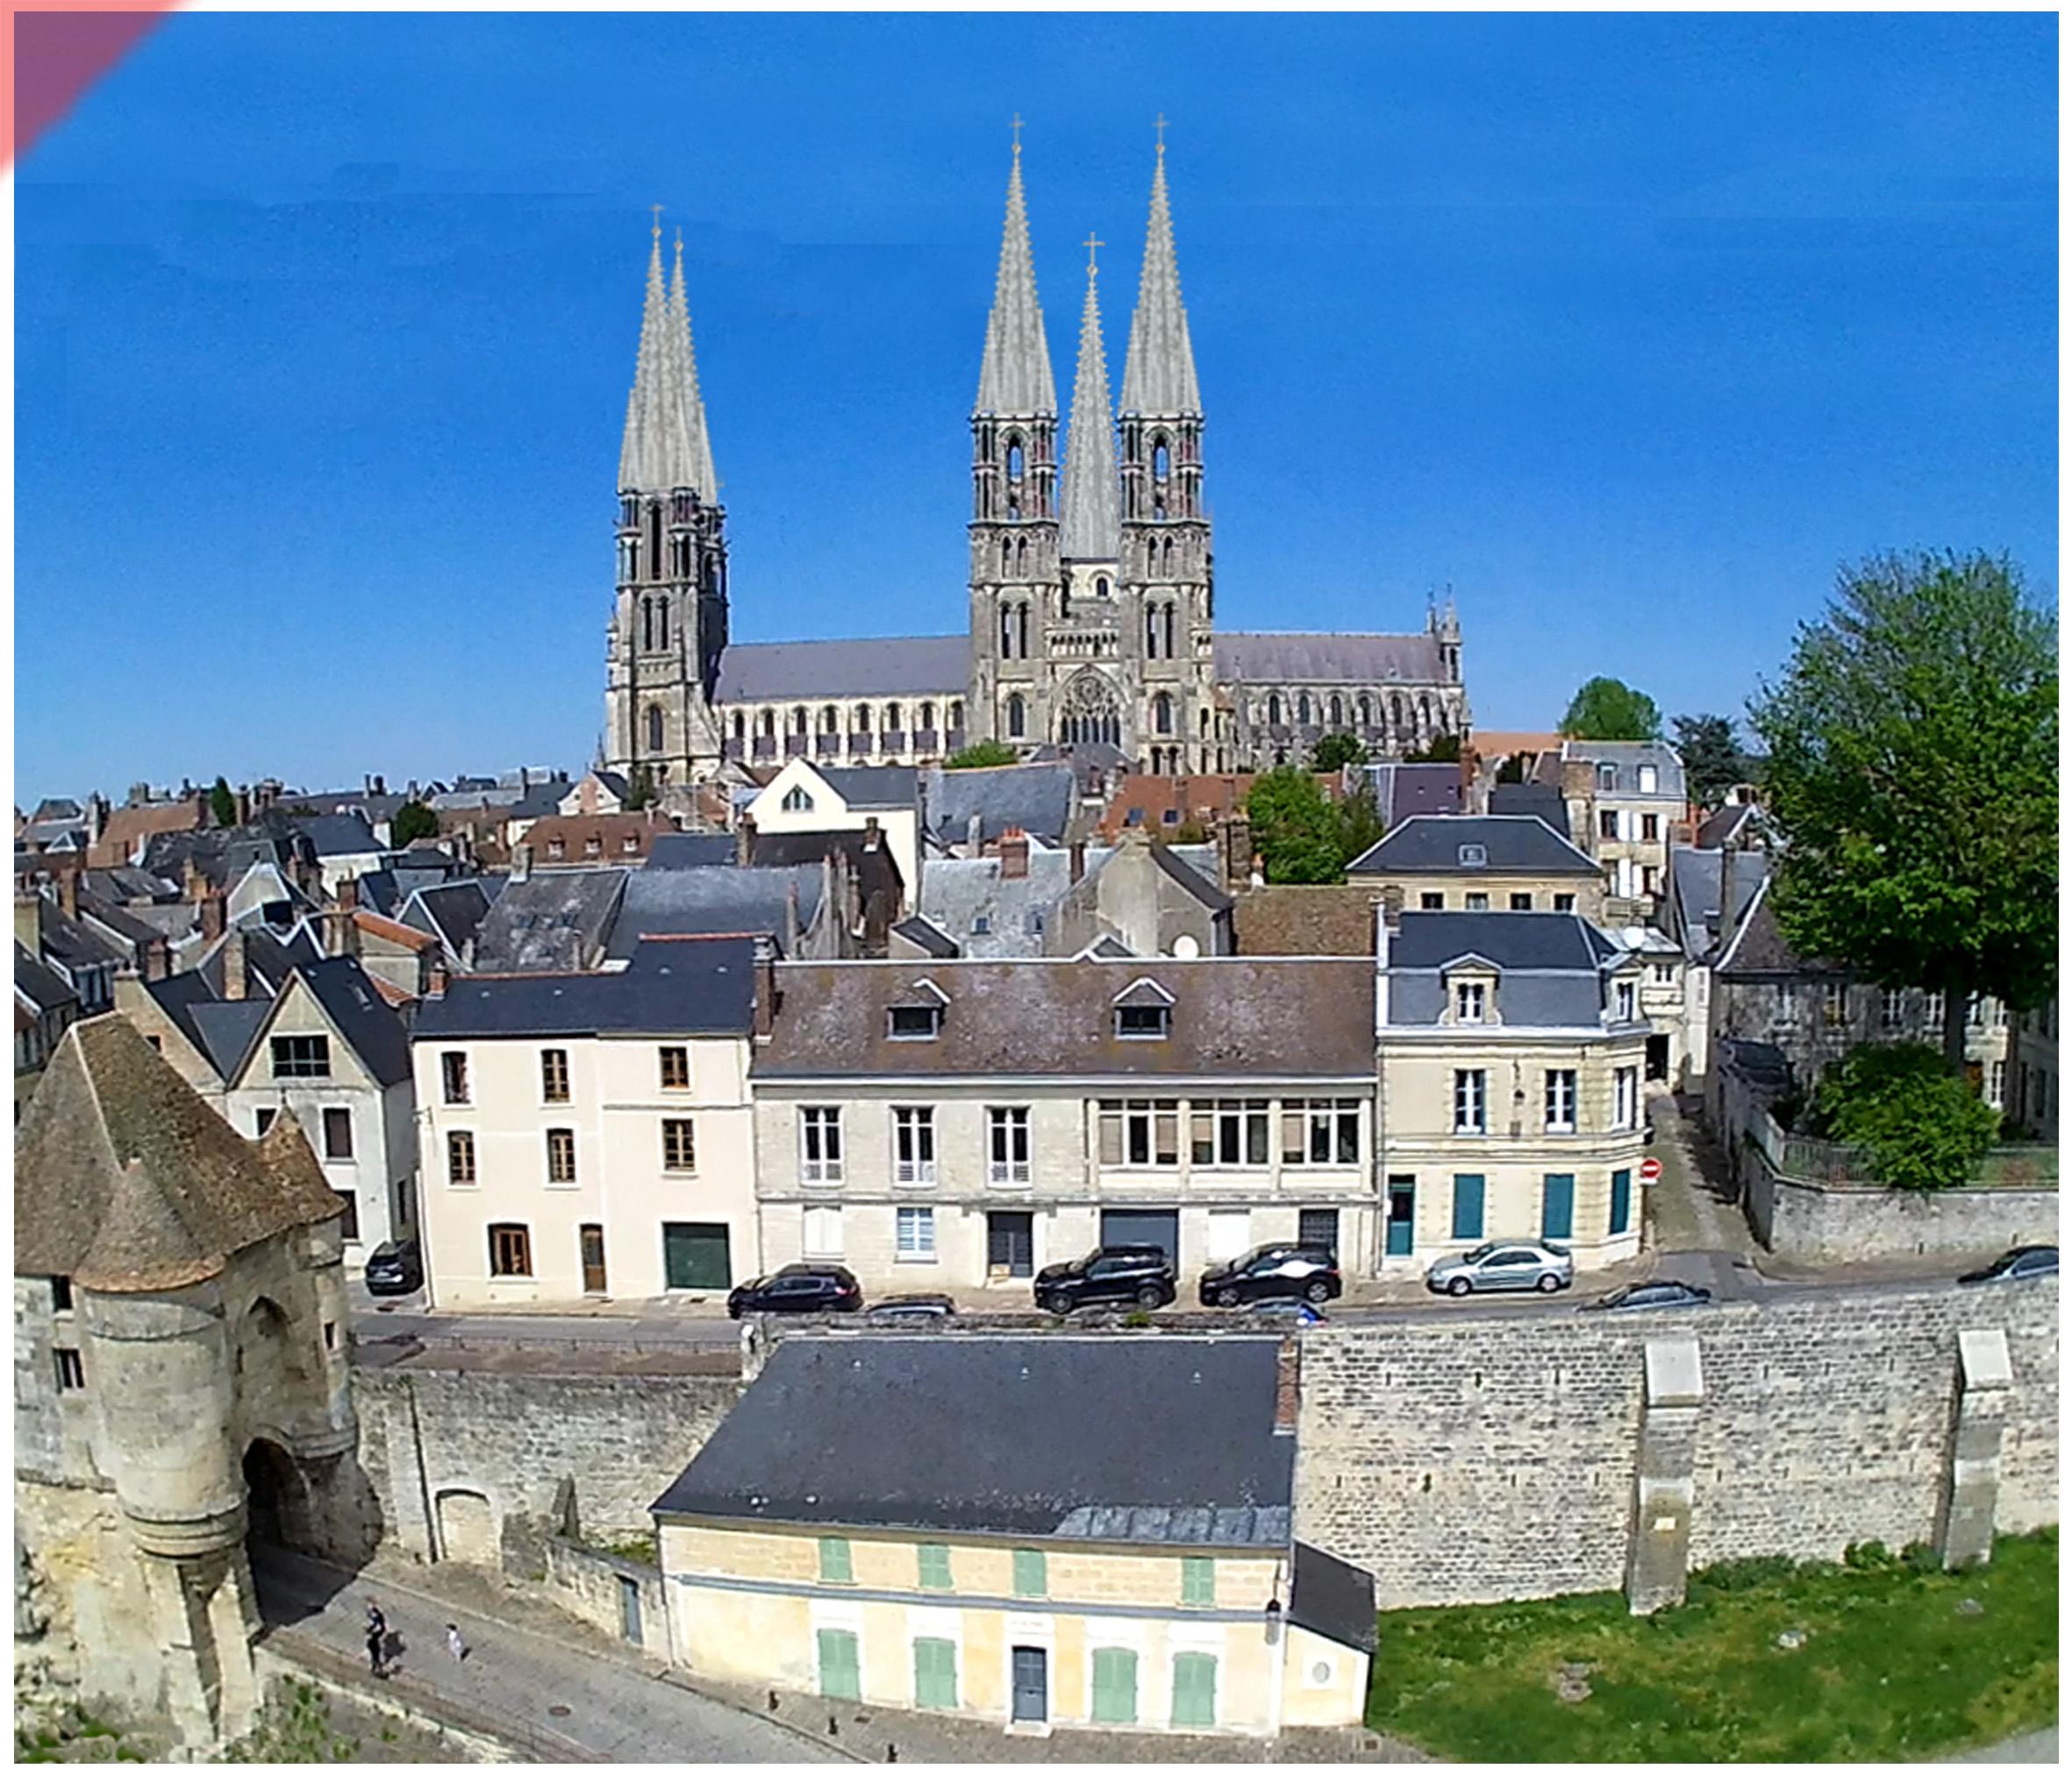 Laon-Cathédrale-vol-drone-2-deux-tours-façade-ouest-tours avant-toits-plane-alors-et-maintenant-Laon-cathedrale-drone-flight-kathedrale-2-two-towers-façade-west-pitched roof-then-and-now